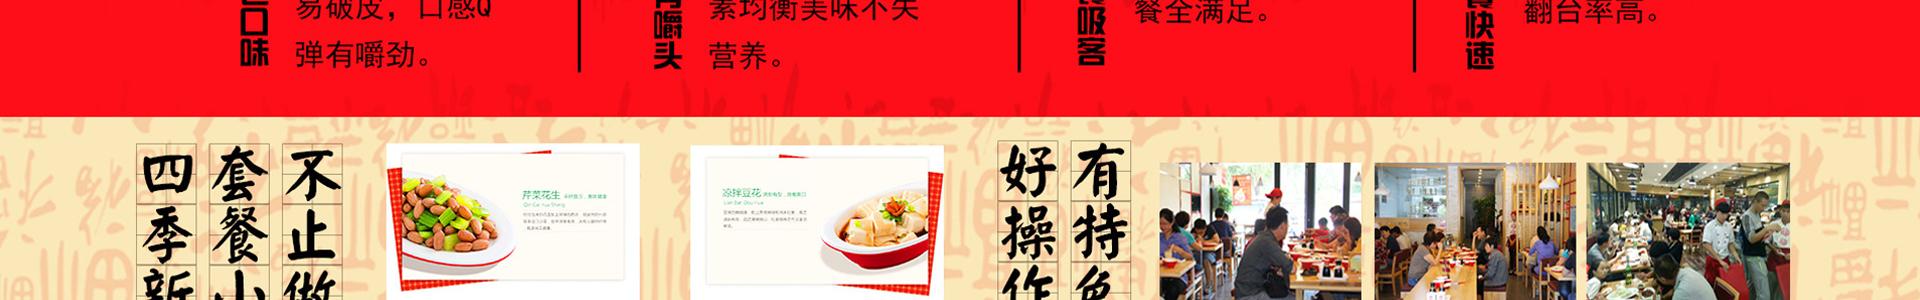 喜妙福水餃xmf_16